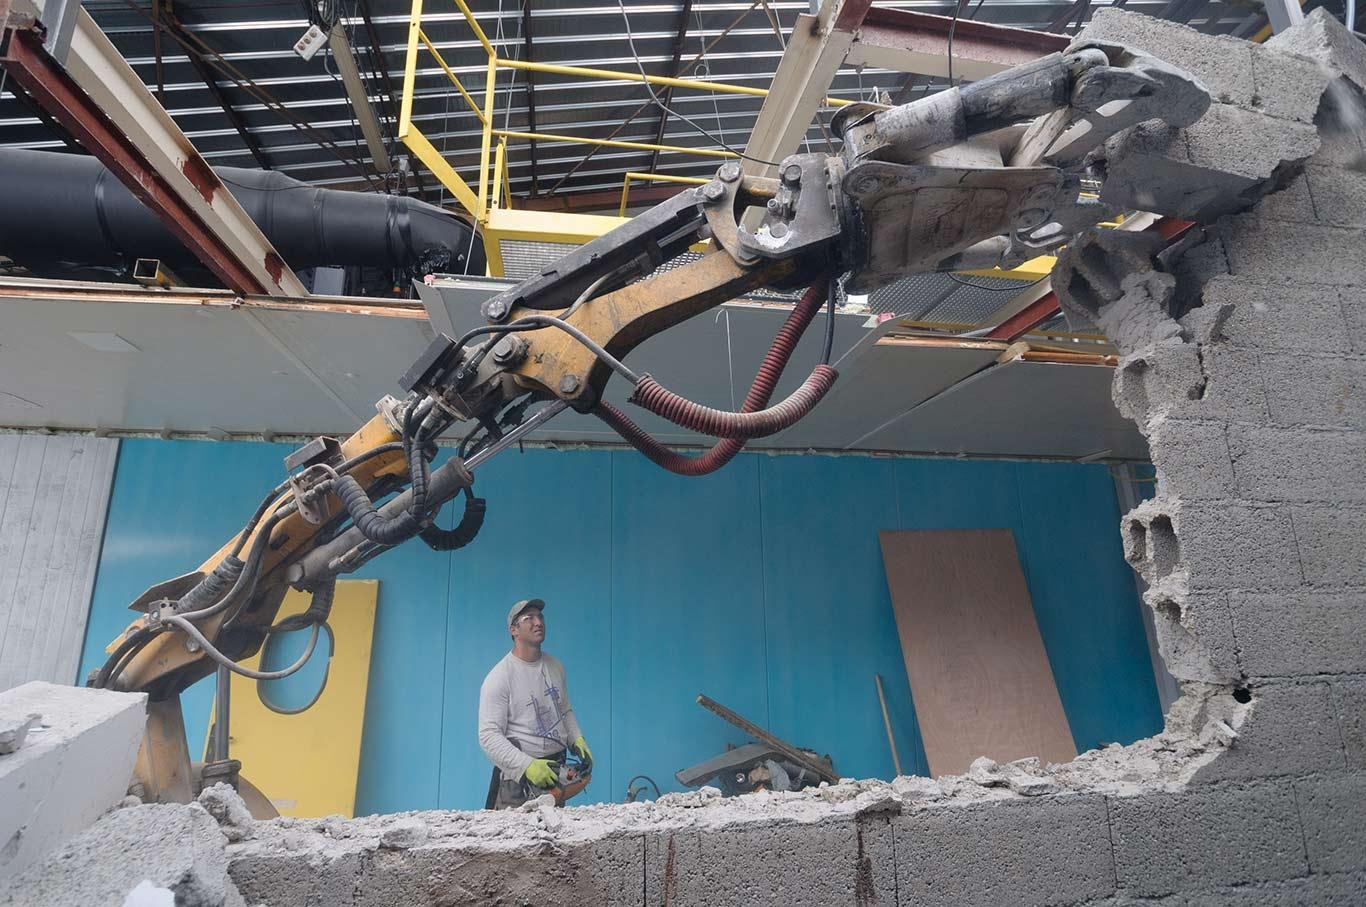 Démolition contrôlée par robot démolisseur